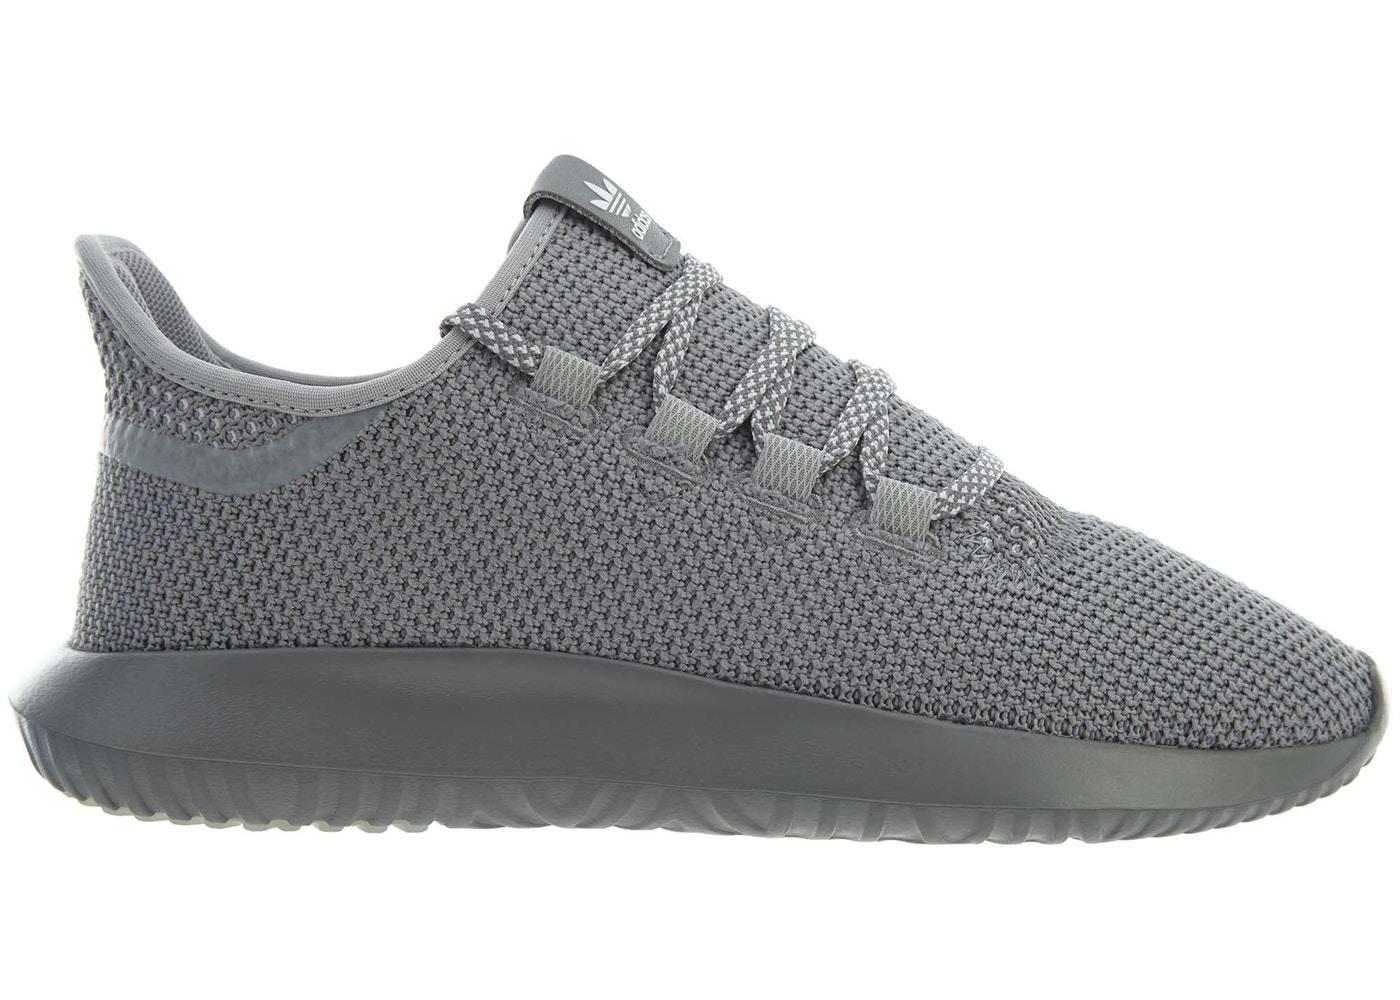 アディダス メンズ adidas Originals Tubular Shadow スニーカー チュブラー シャドウ Grey/Grey/White